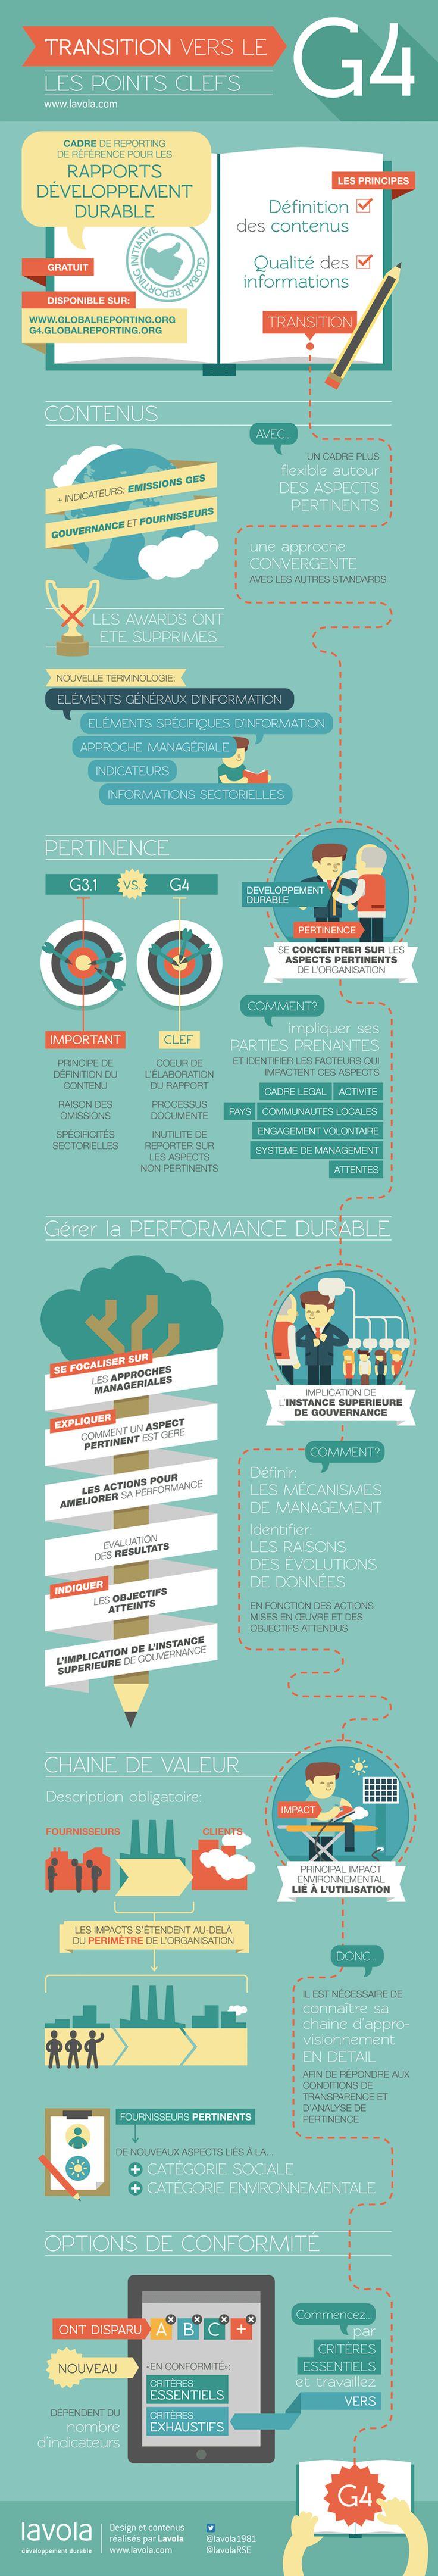 Transition vers le GRI G4: Les points clefs! #developpementdurable #RSE